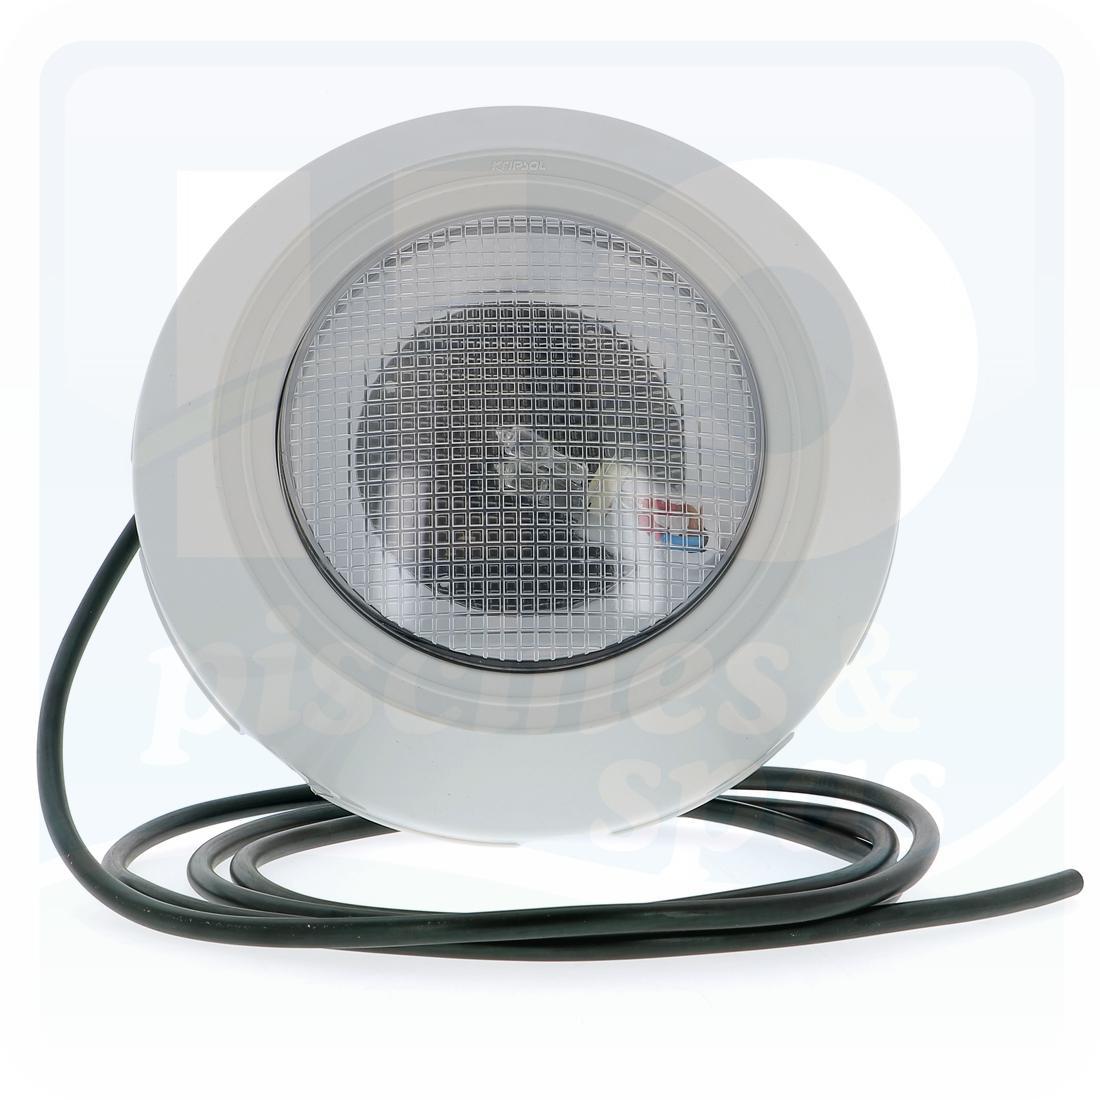 projecteur halog ne kripsol 100 w 12 v pour piscine ma onnerie liner blanc h2o. Black Bedroom Furniture Sets. Home Design Ideas